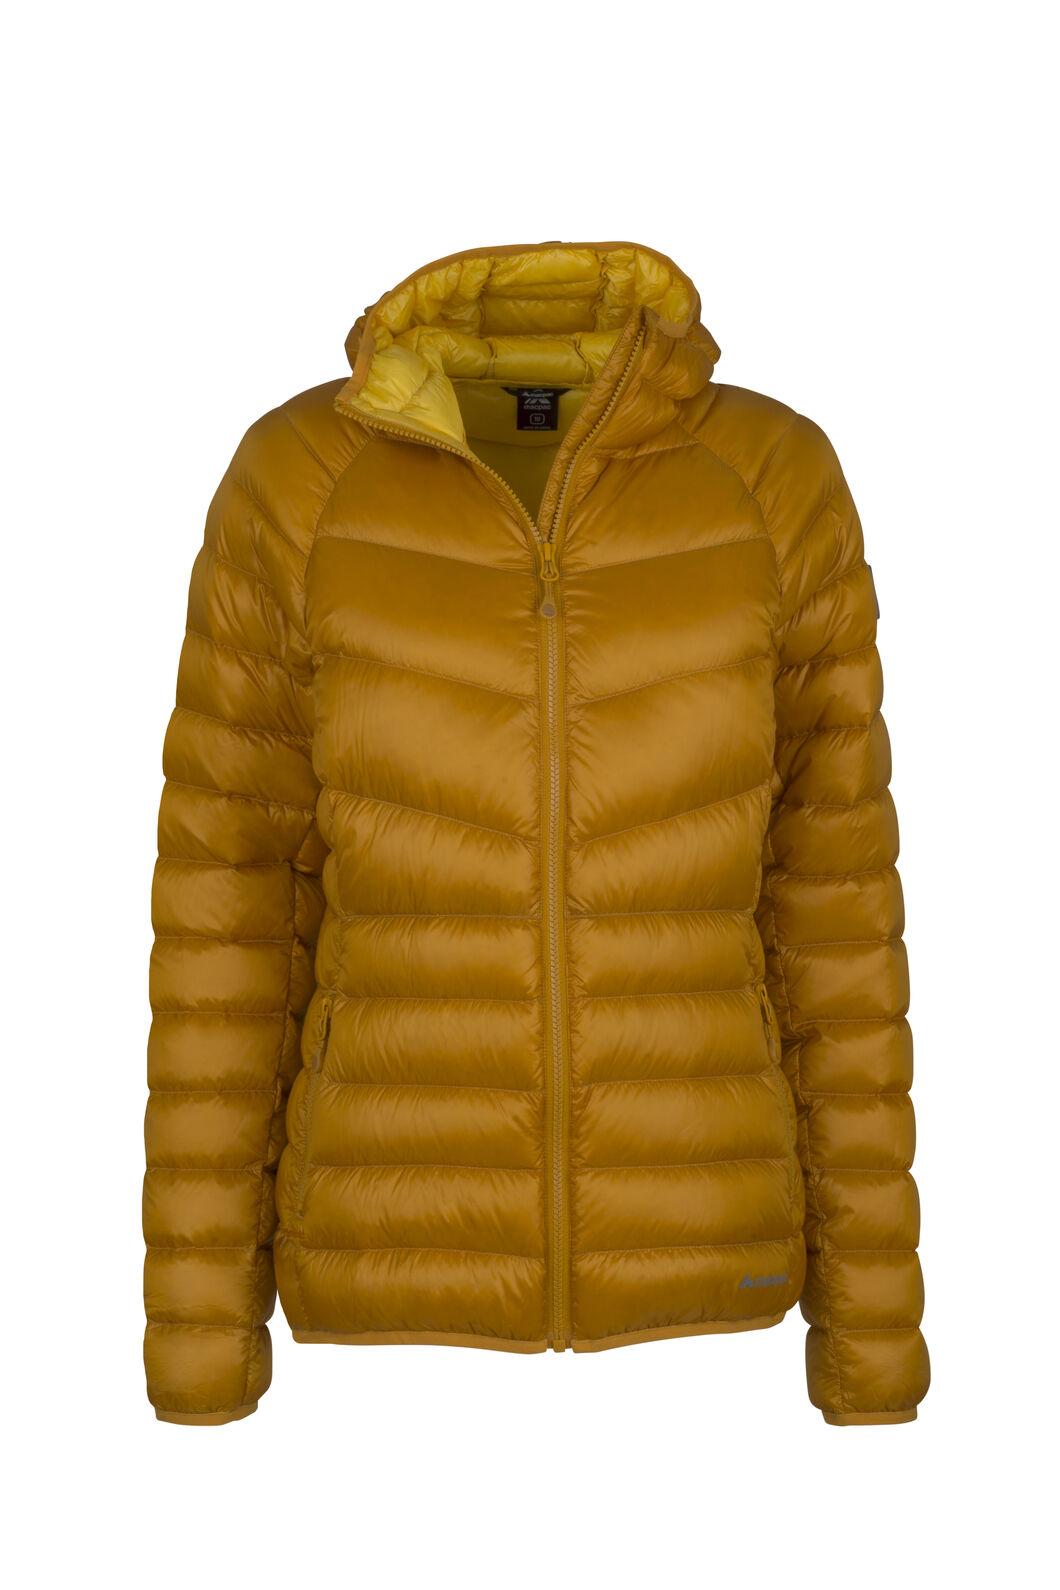 a1d62d15e Macpac Mercury Down Jacket - Women's, Golden Yellow, ...